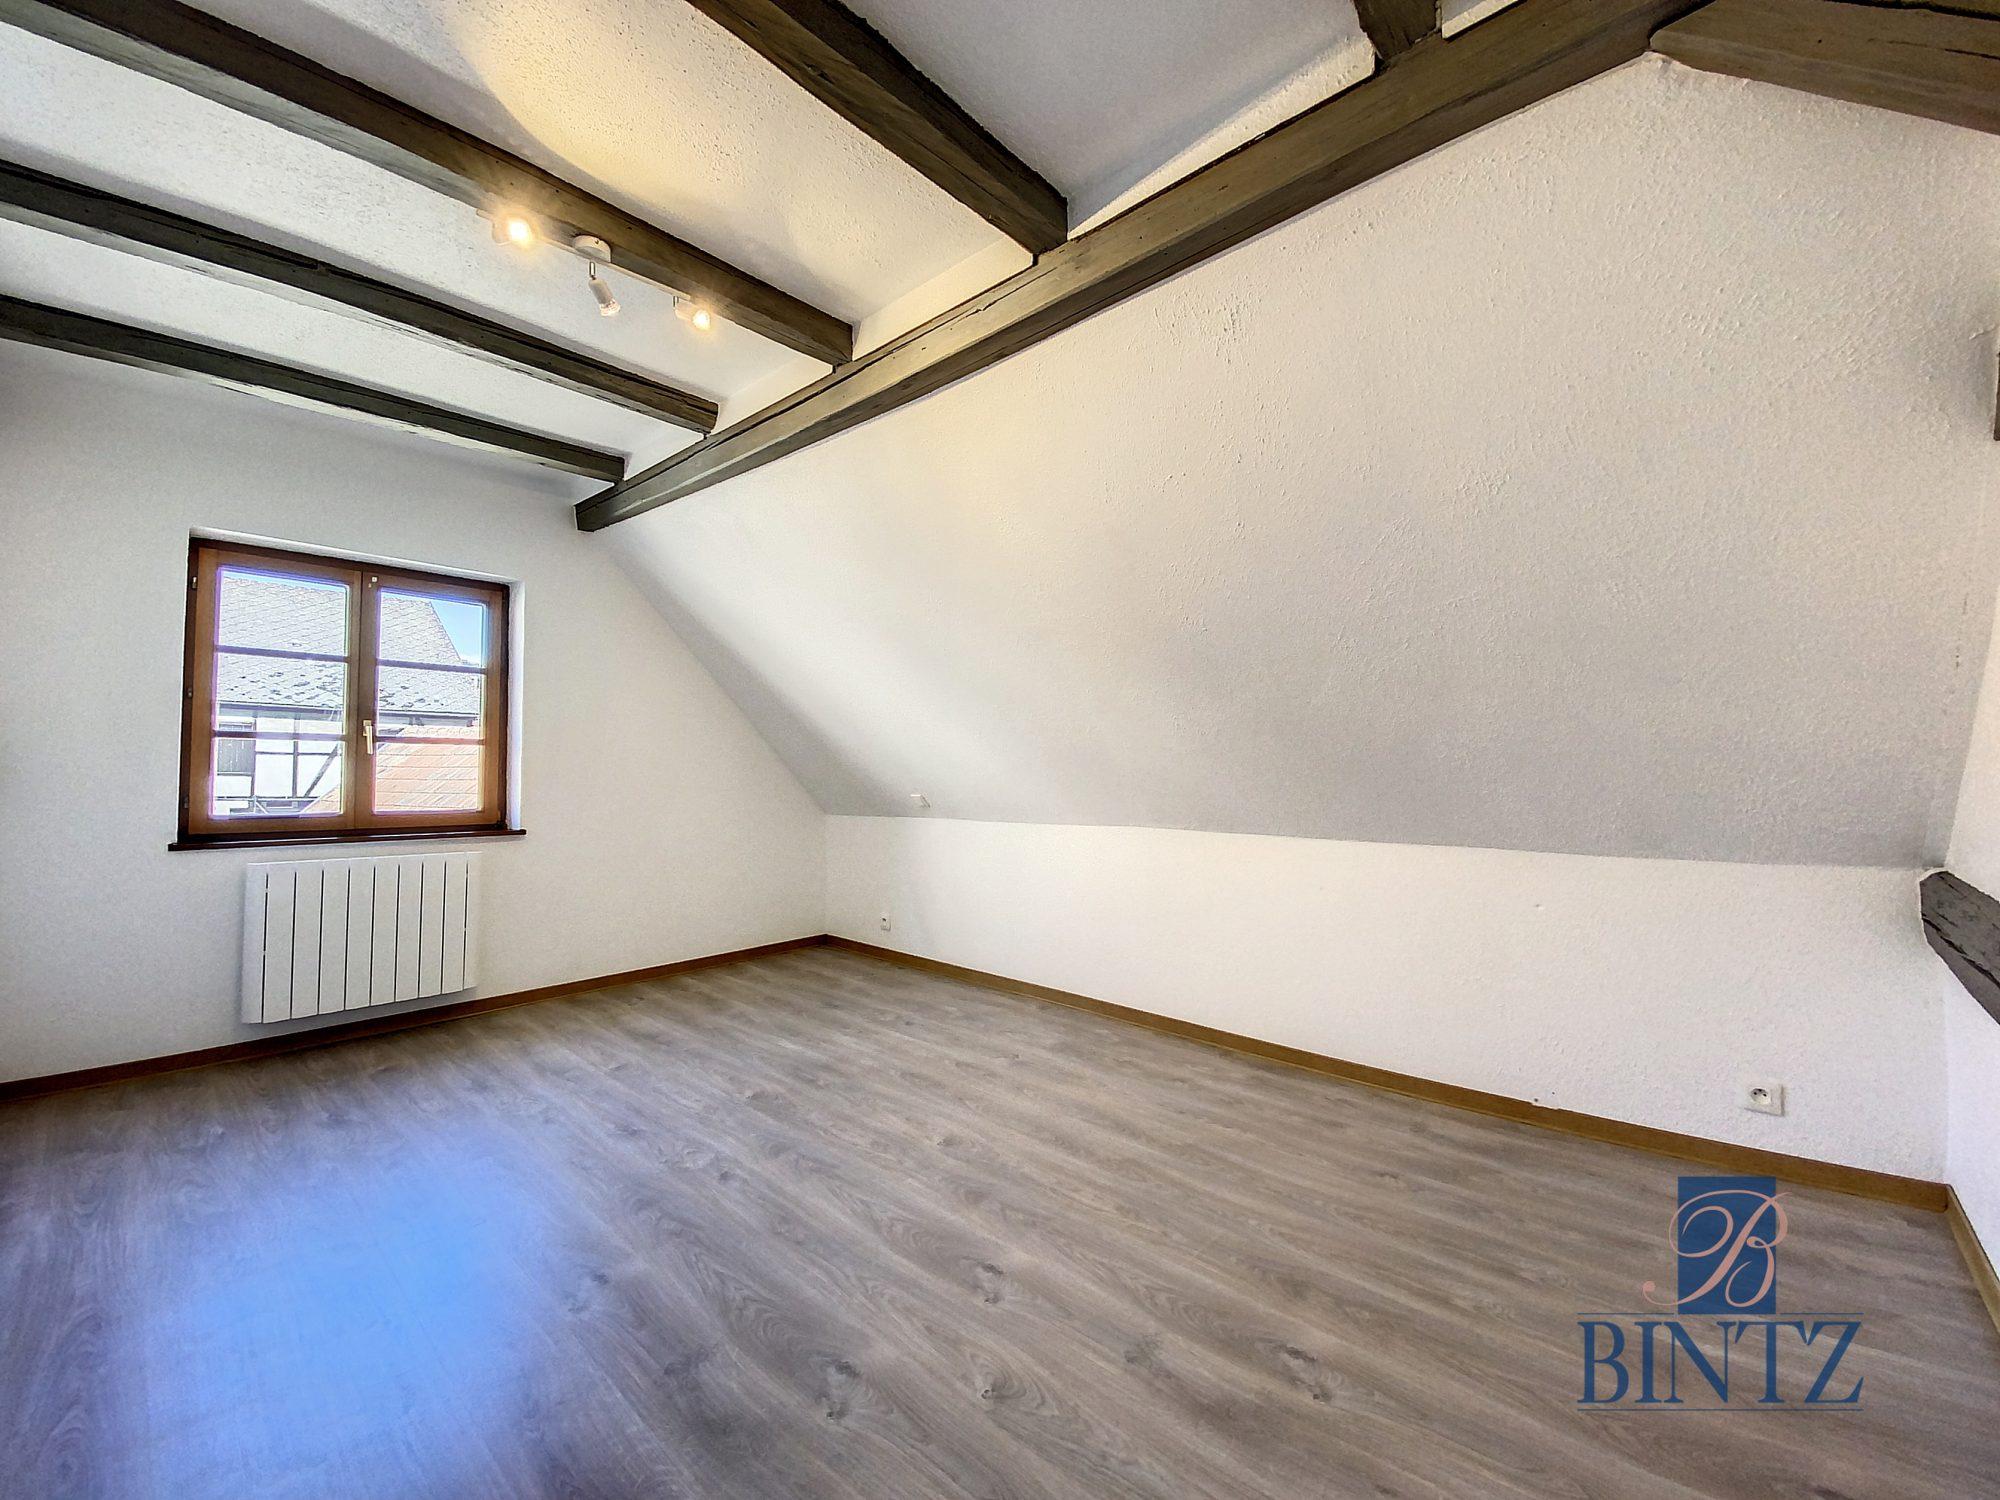 3/4 Pièces Centre-ville ROSHEIM - Devenez locataire en toute sérénité - Bintz Immobilier - 3